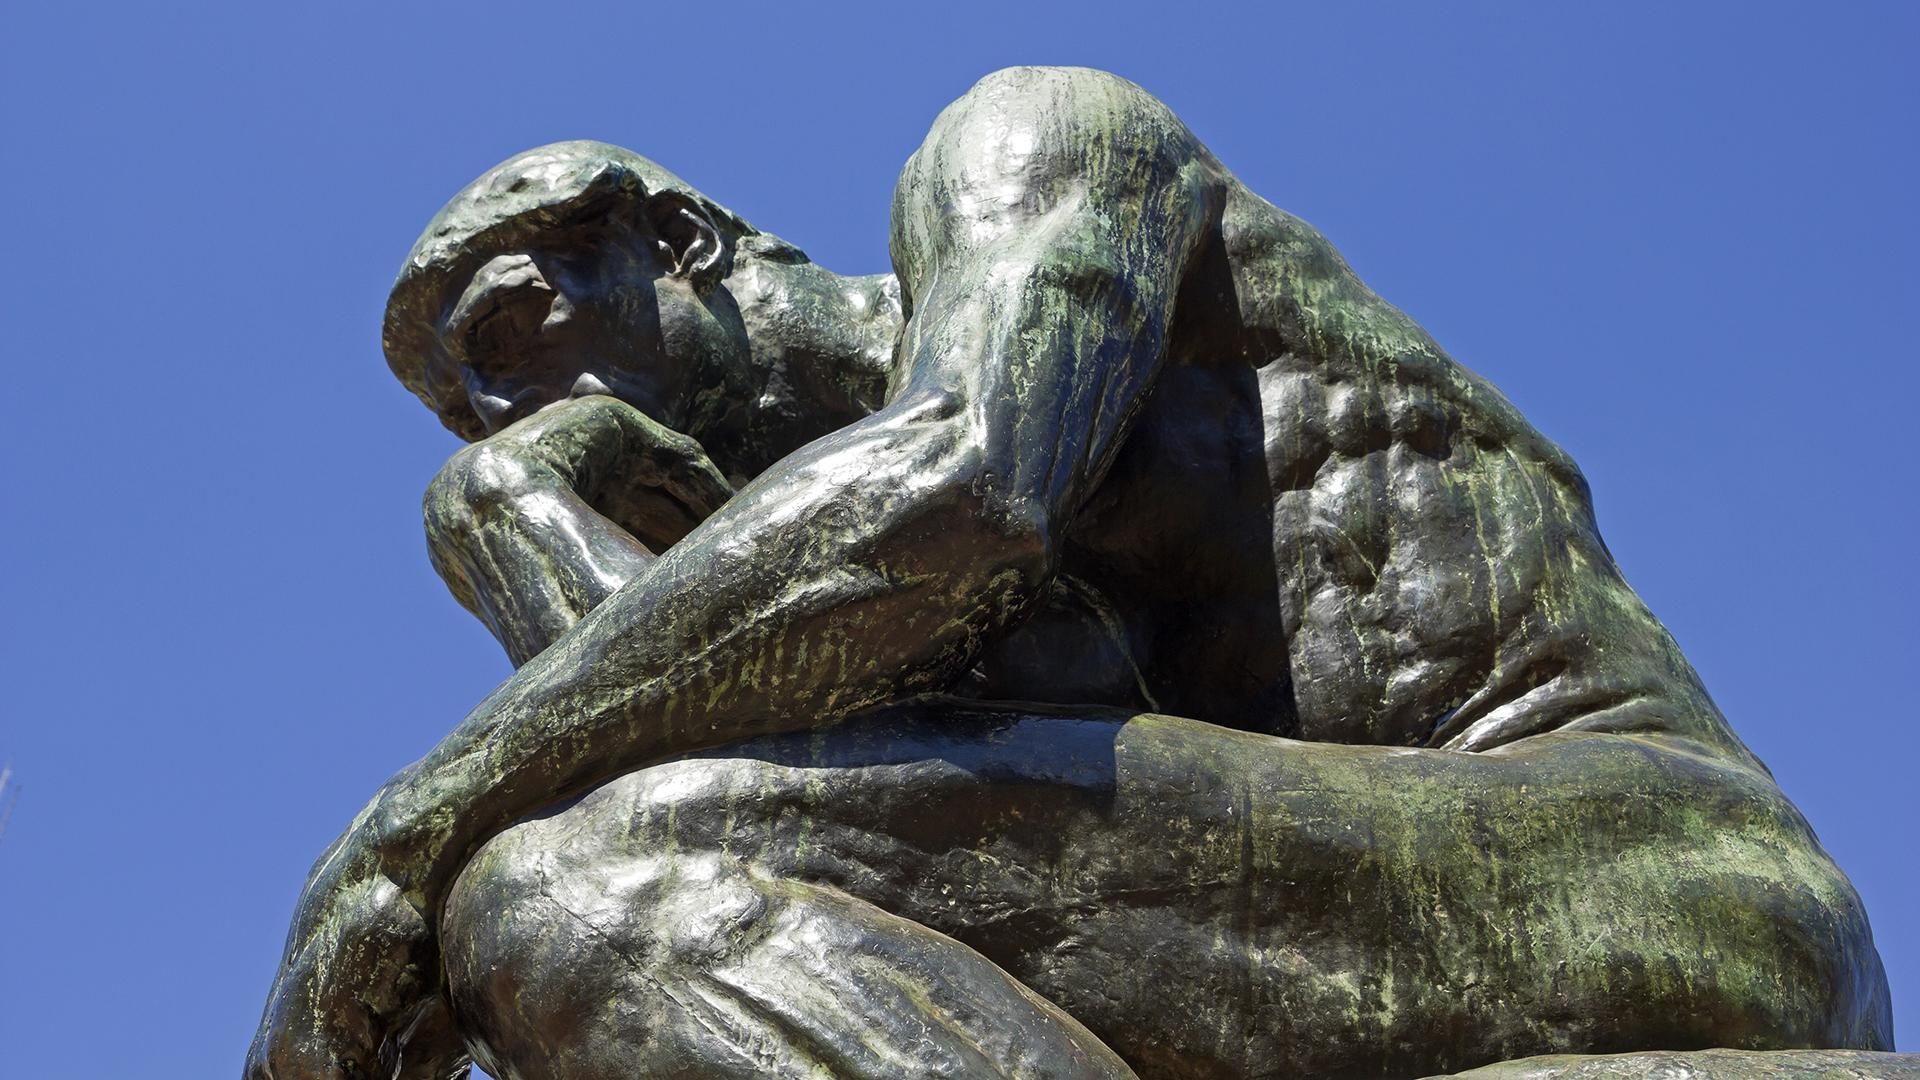 El pensador de Rodin también cambiará el estatus a monumento histórico nacional (Getty Images)